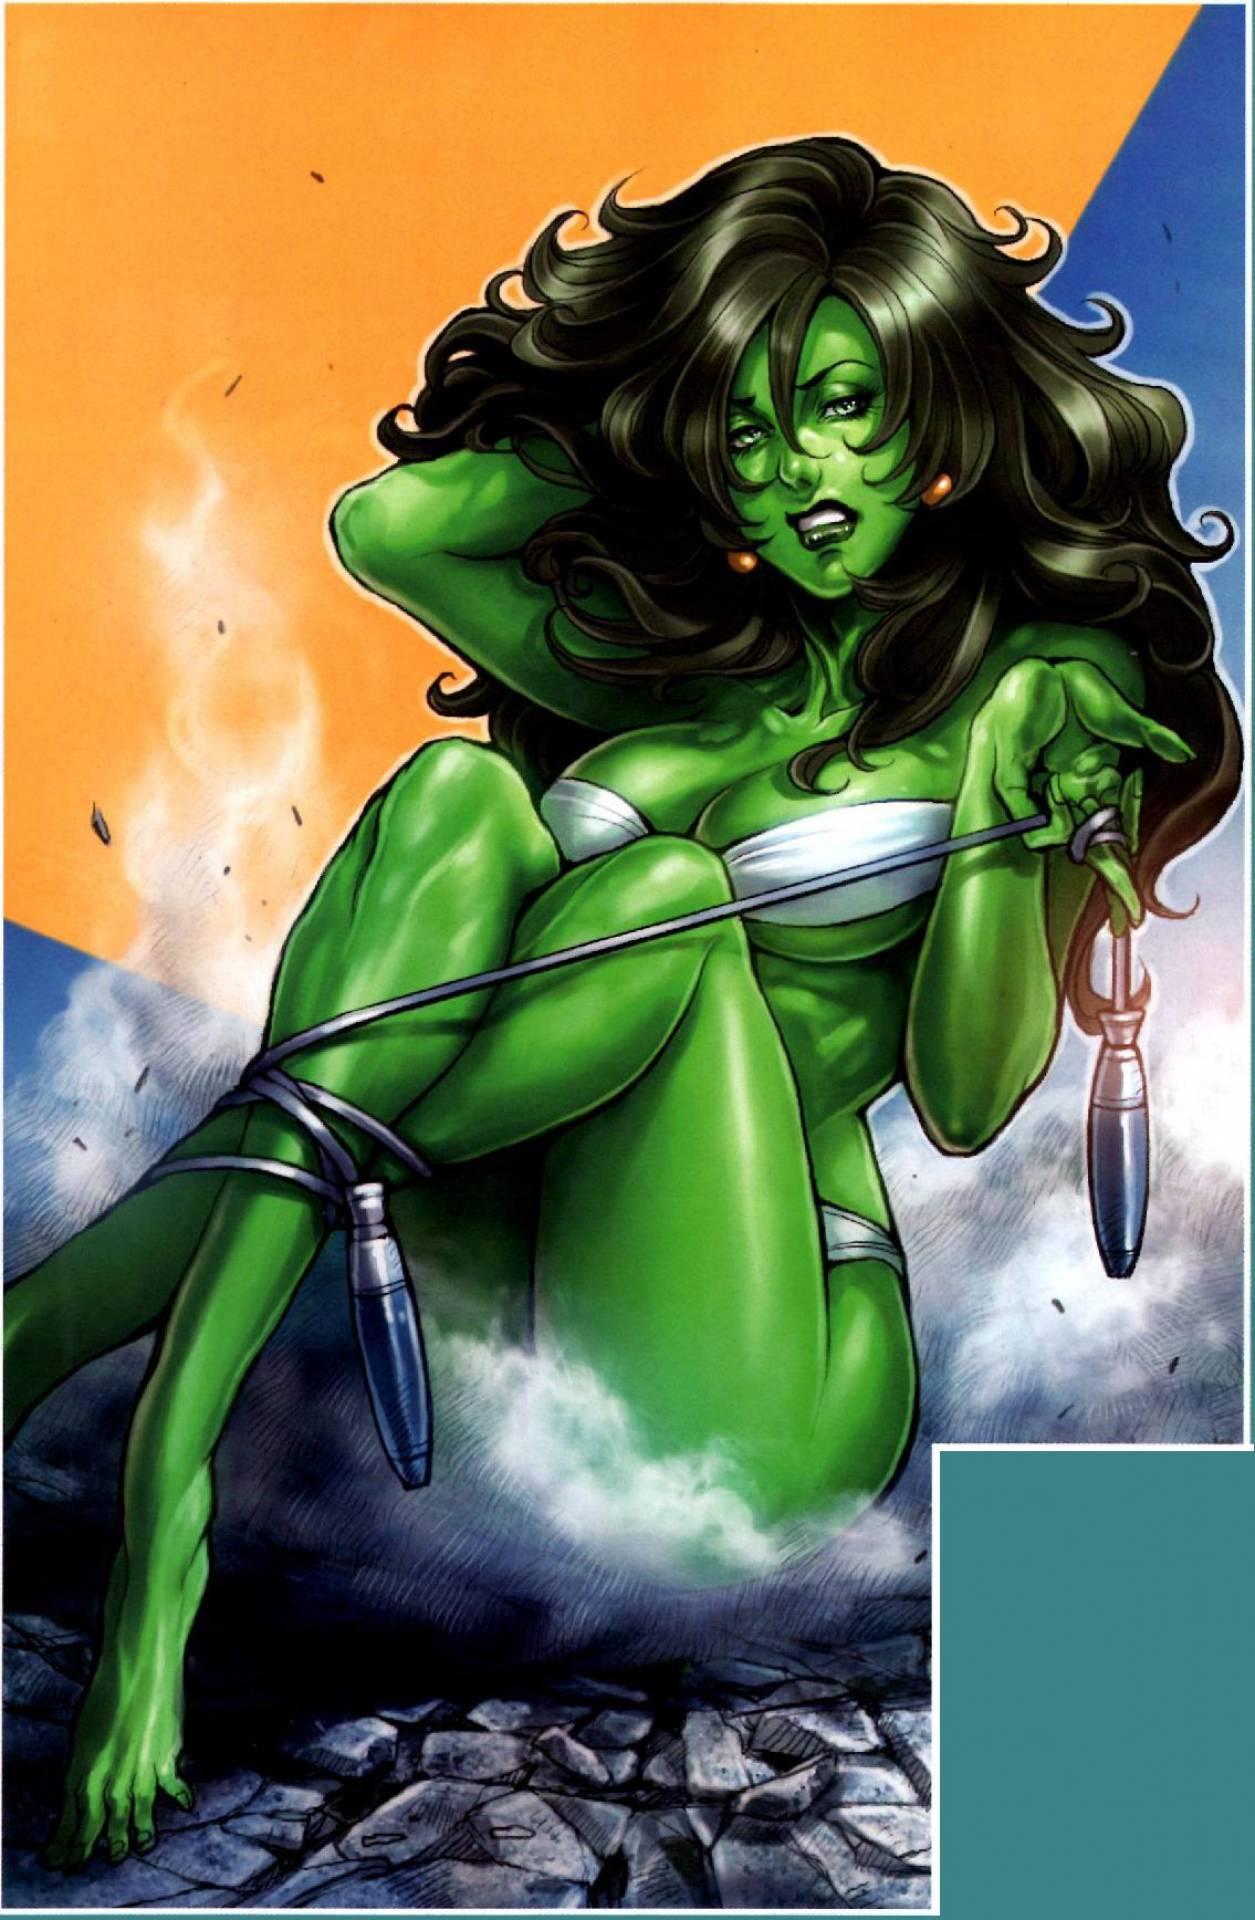 She Hulk Transformation Videos